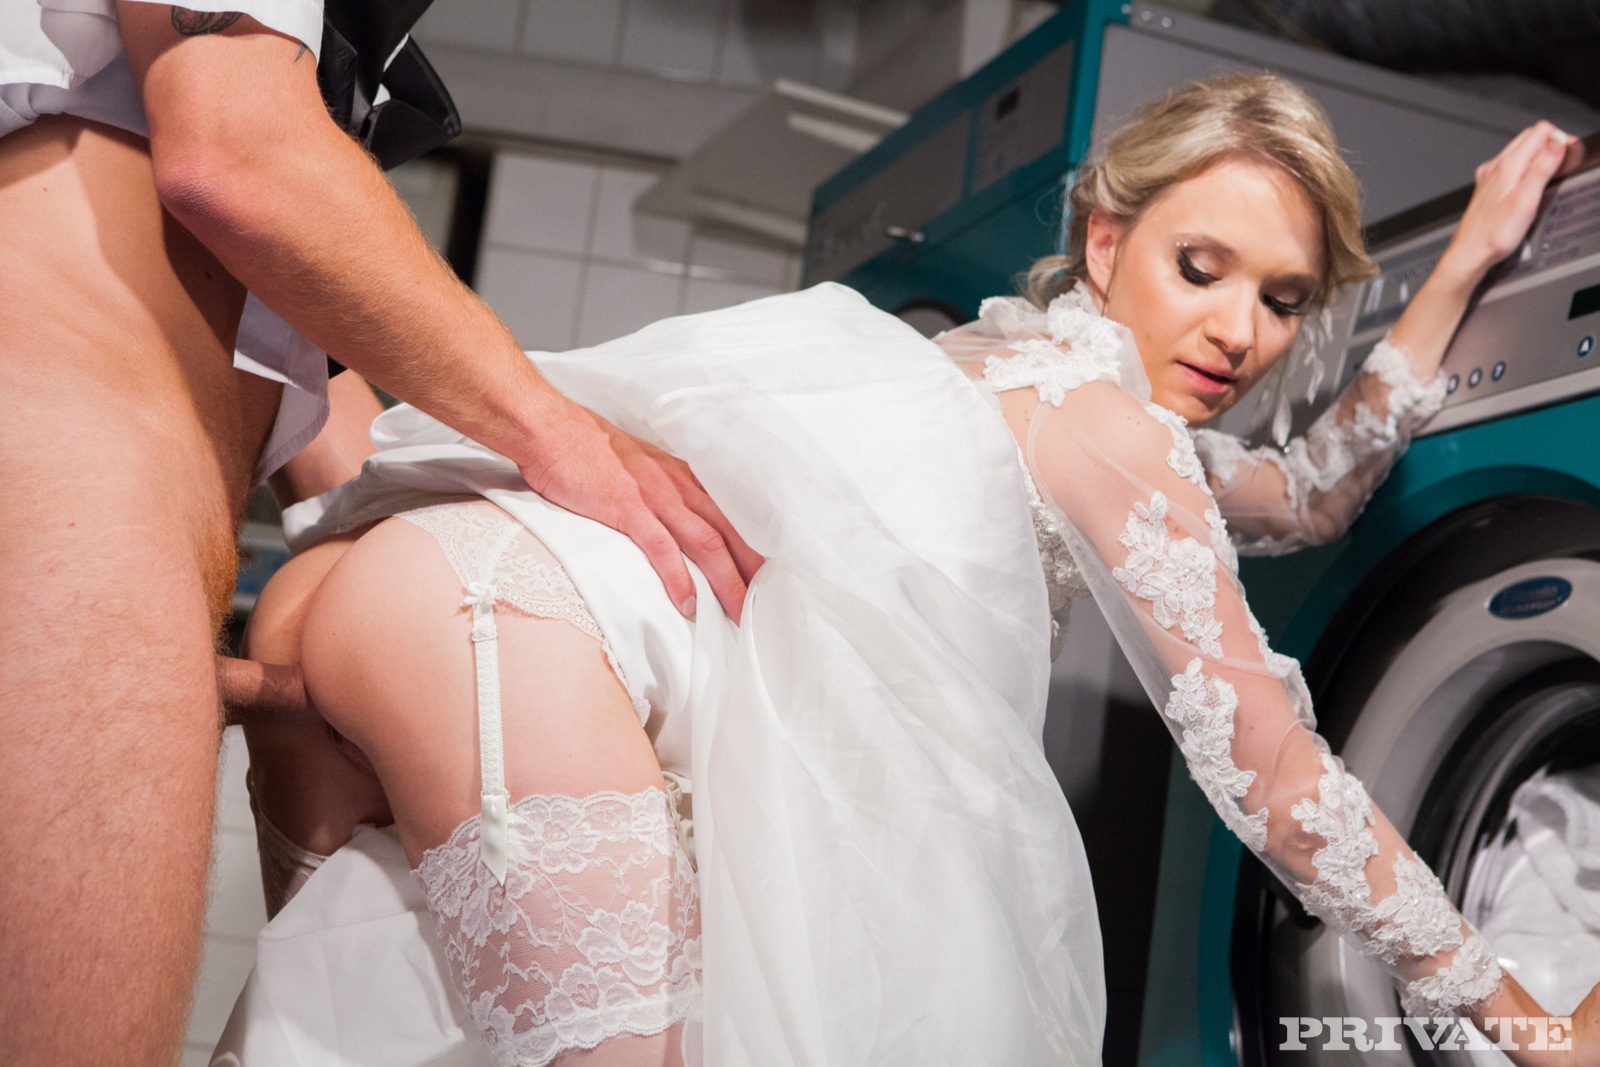 раком 18 смотреть невесты